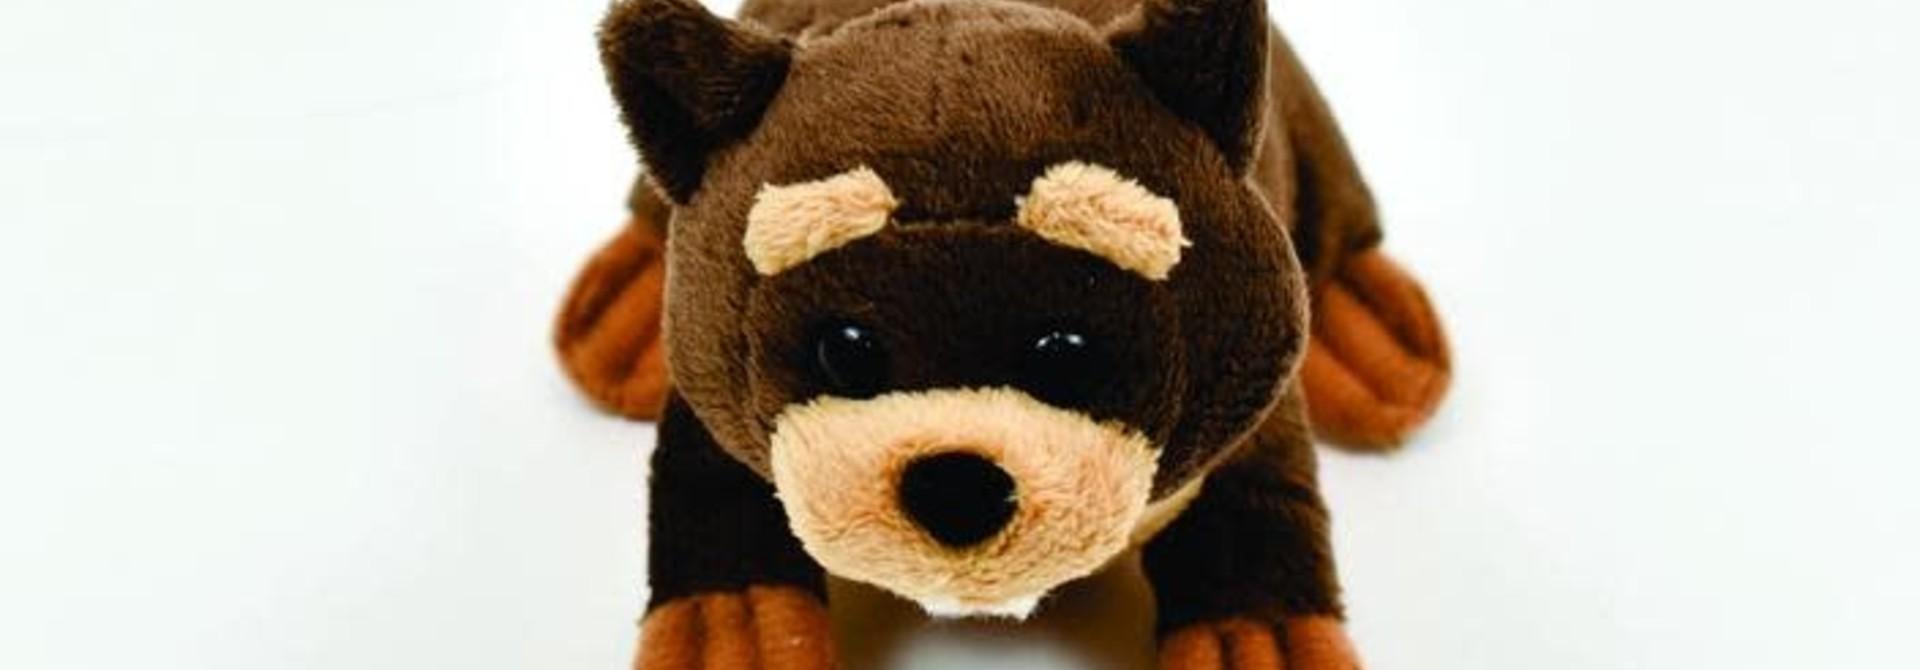 Bucky the Beaver finger puppet